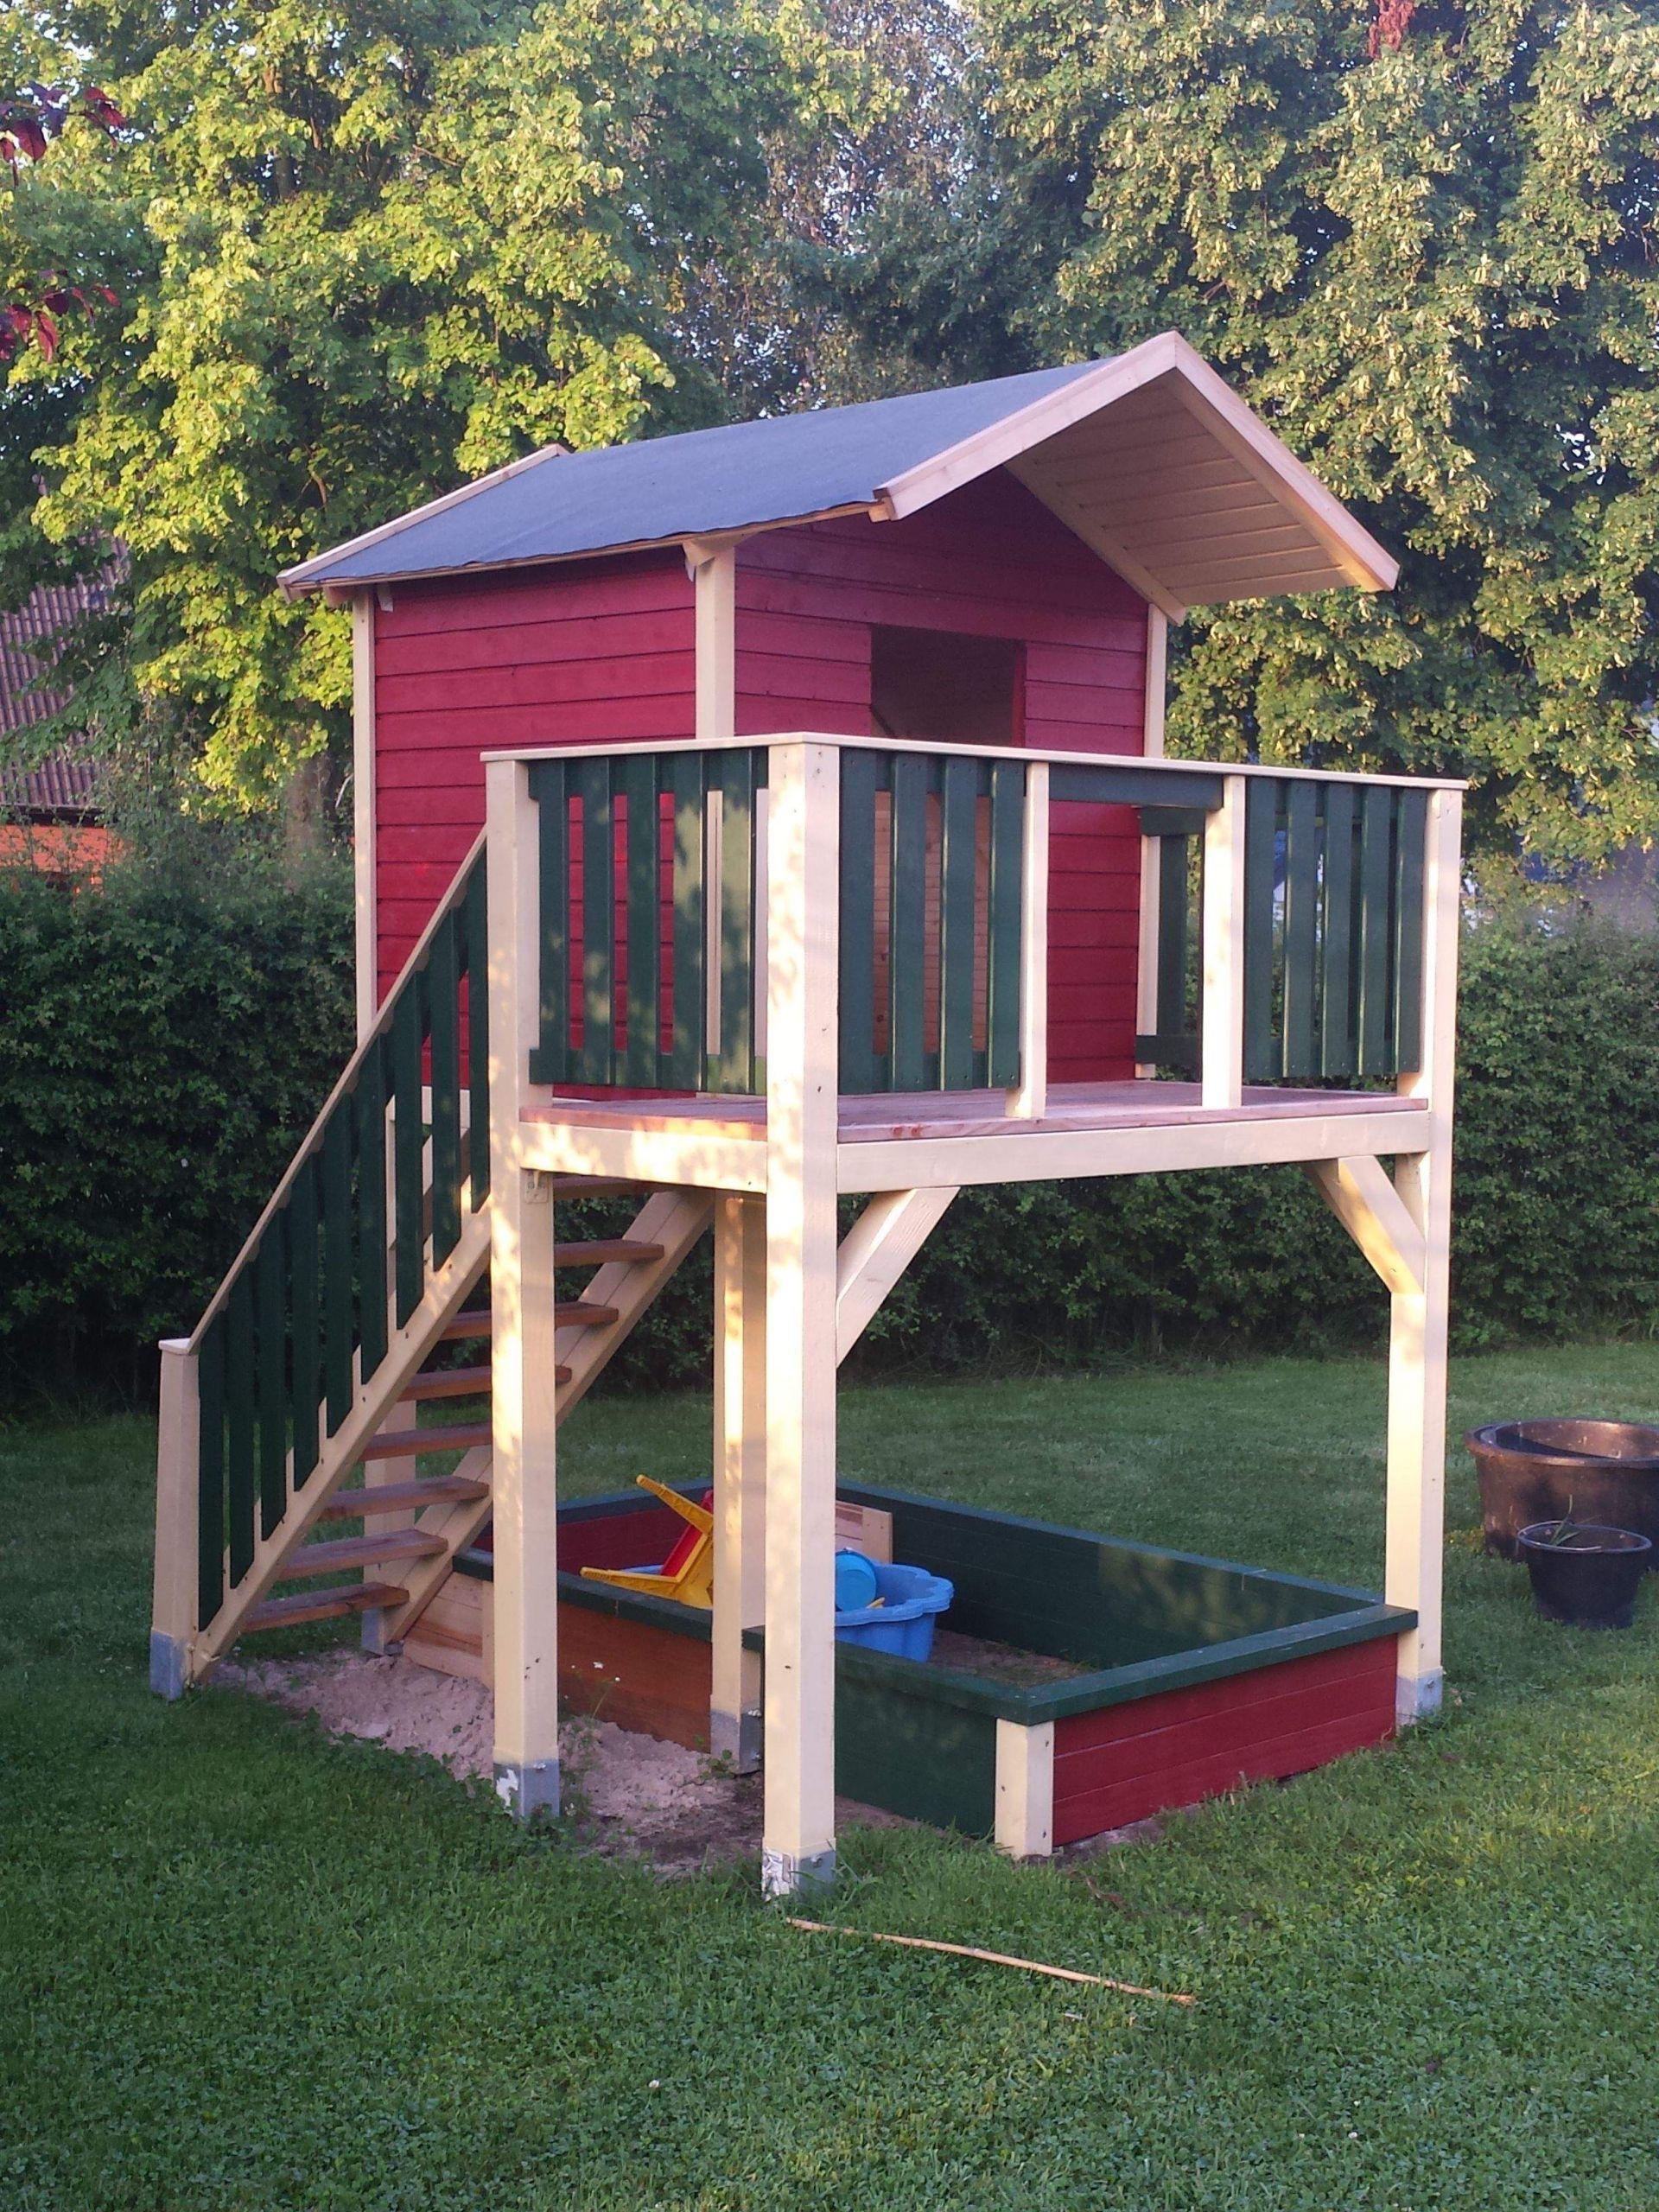 Treppe Garten Selber Bauen Holz Frisch Spielturm Mit Treppe Bauanleitung Zum Selber Bauen